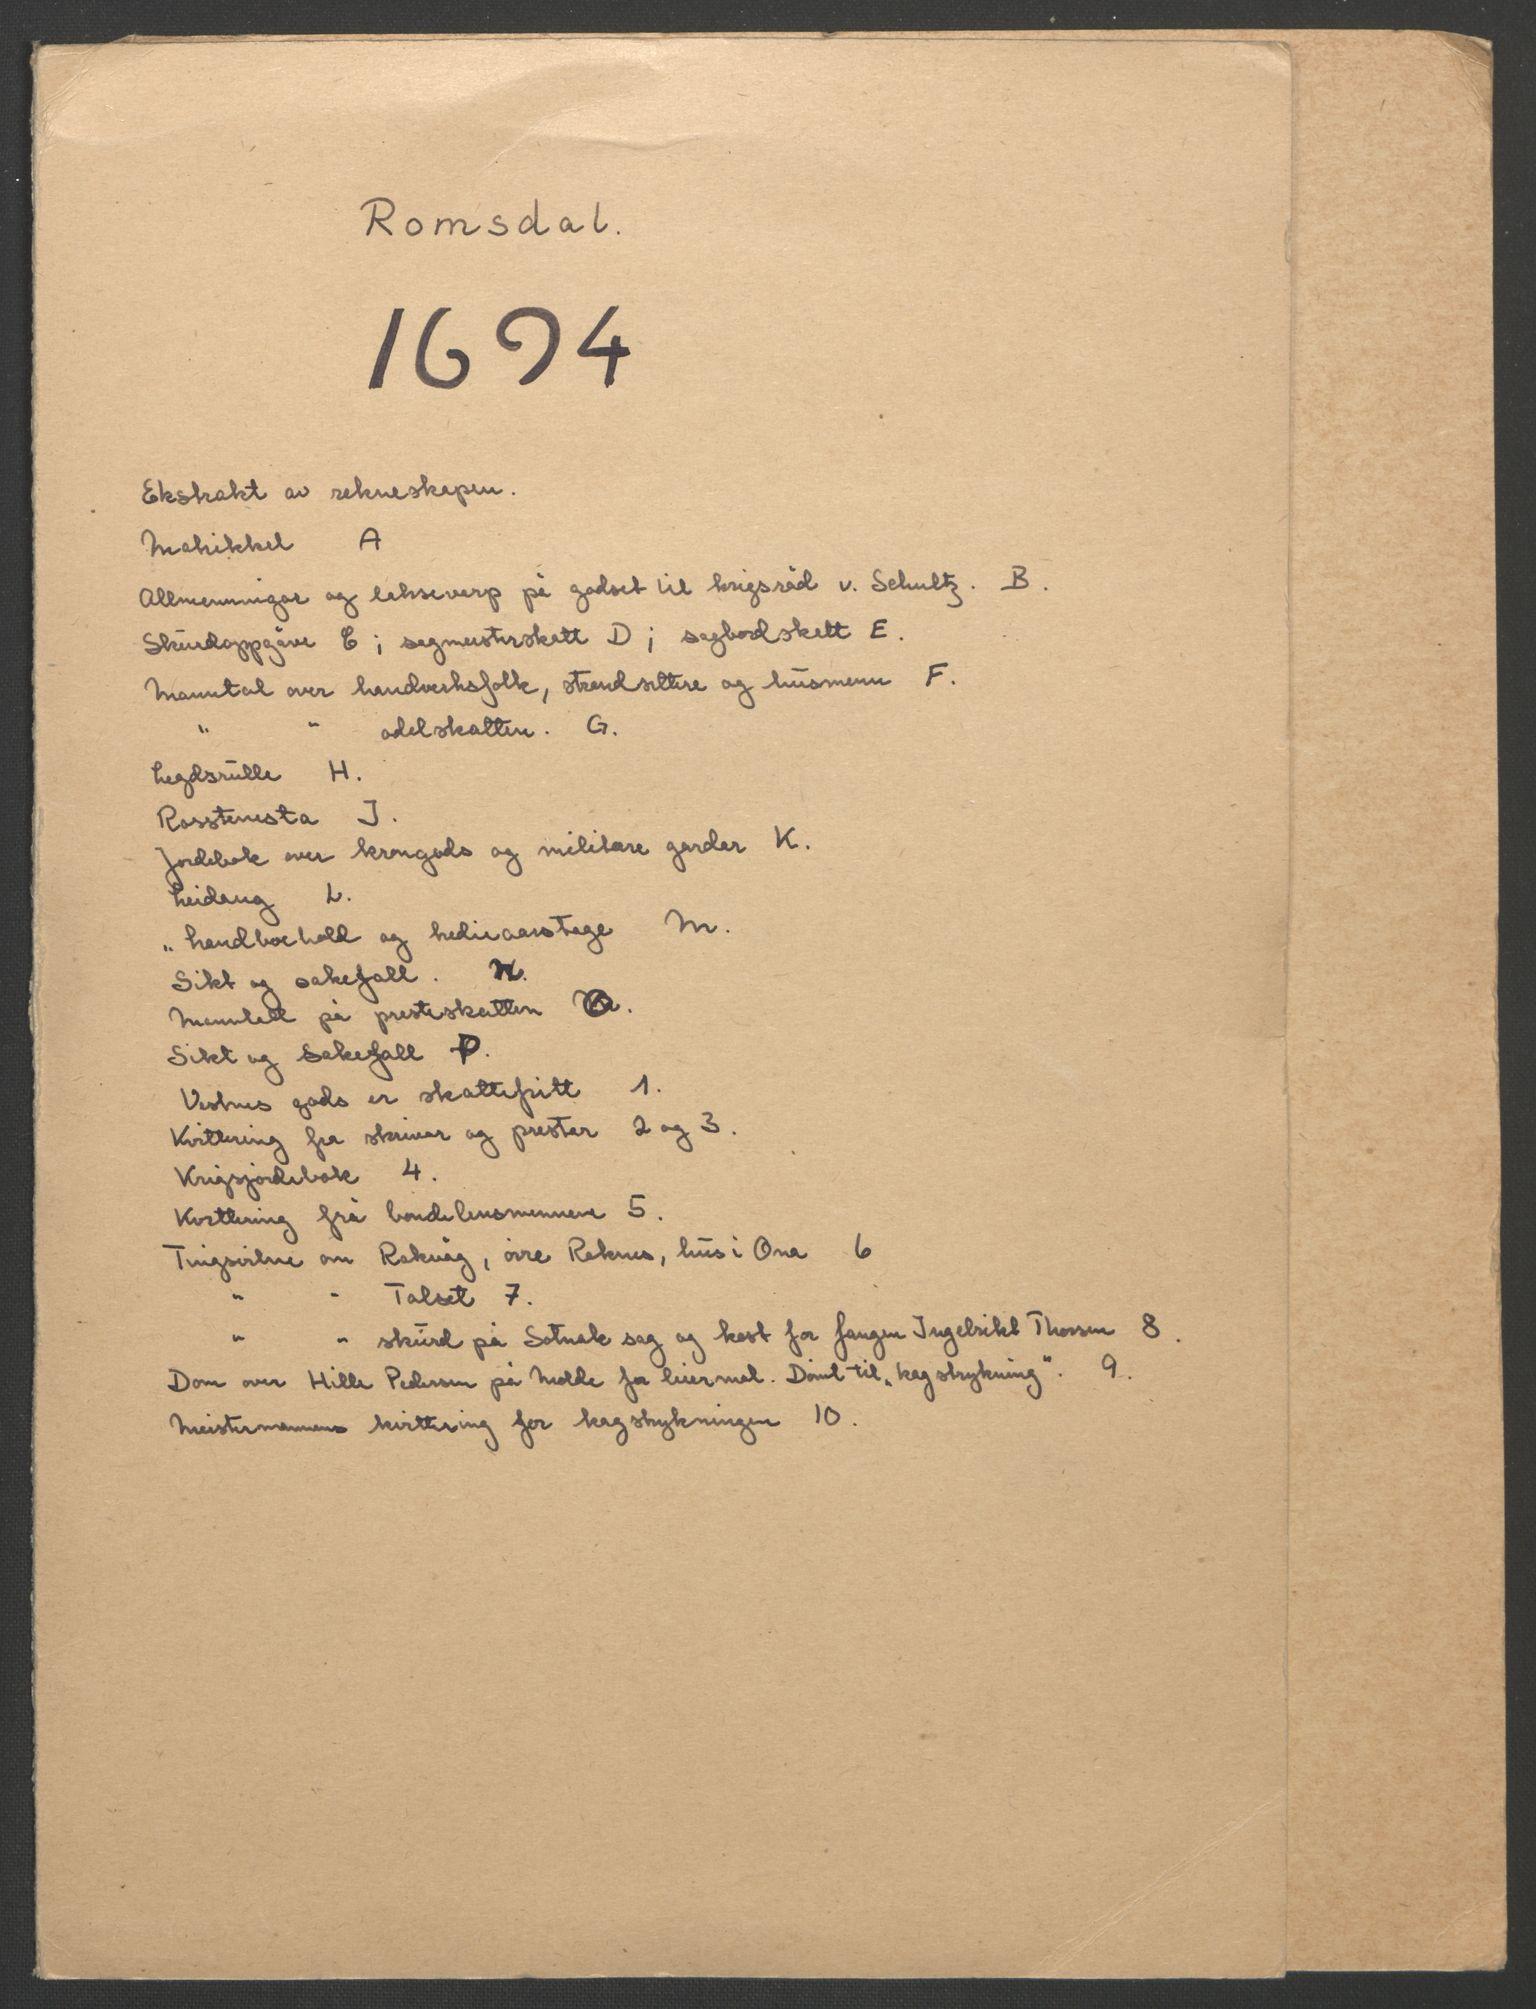 RA, Rentekammeret inntil 1814, Reviderte regnskaper, Fogderegnskap, R55/L3651: Fogderegnskap Romsdal, 1693-1694, s. 163